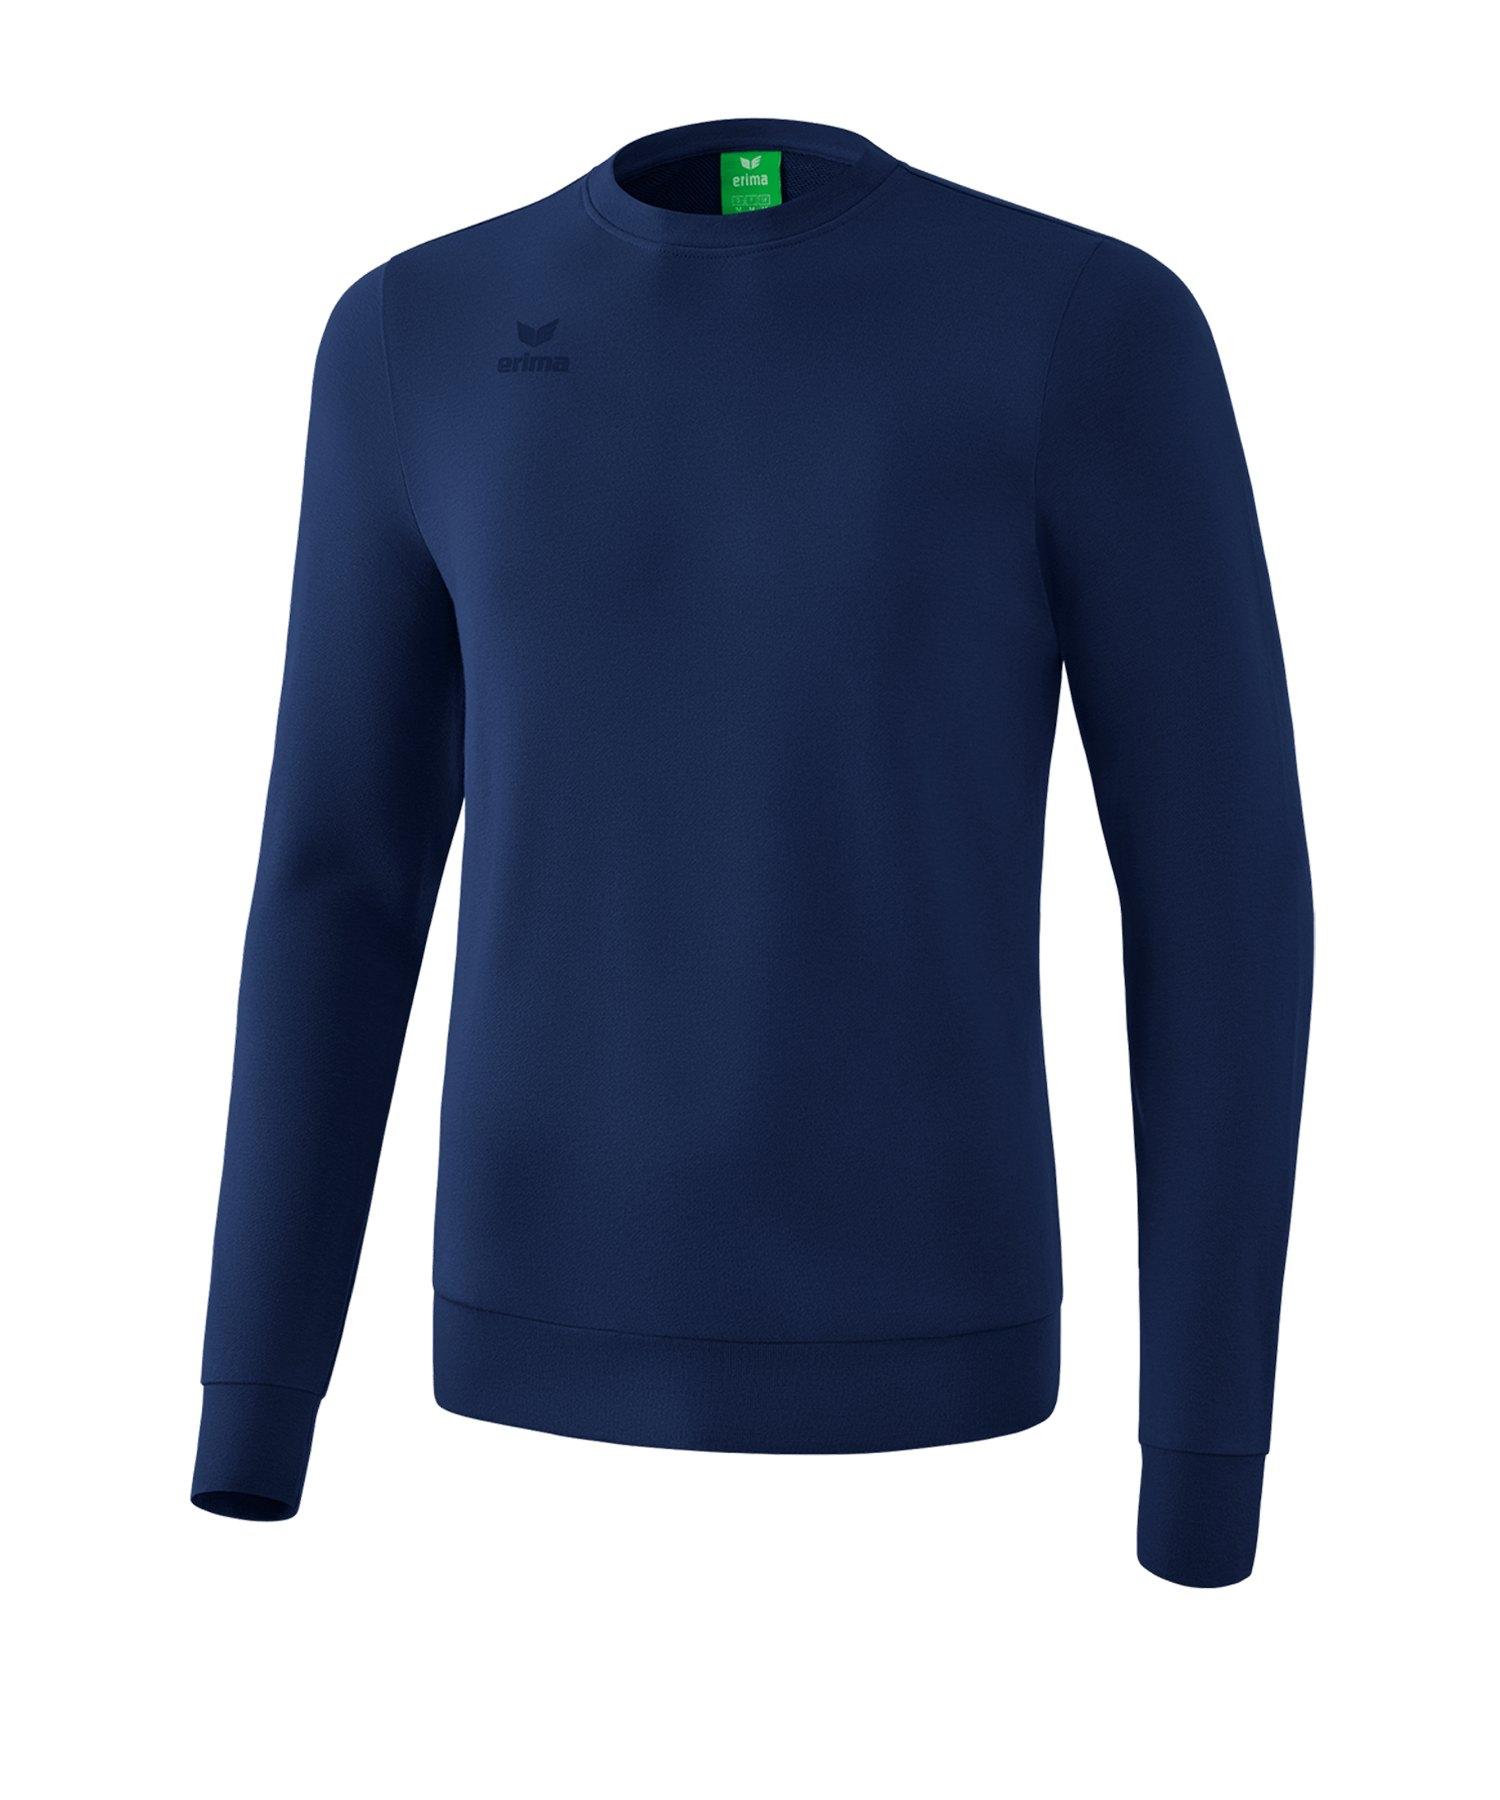 Erima Basic Sweatshirt Kids Dunkelblau - blau